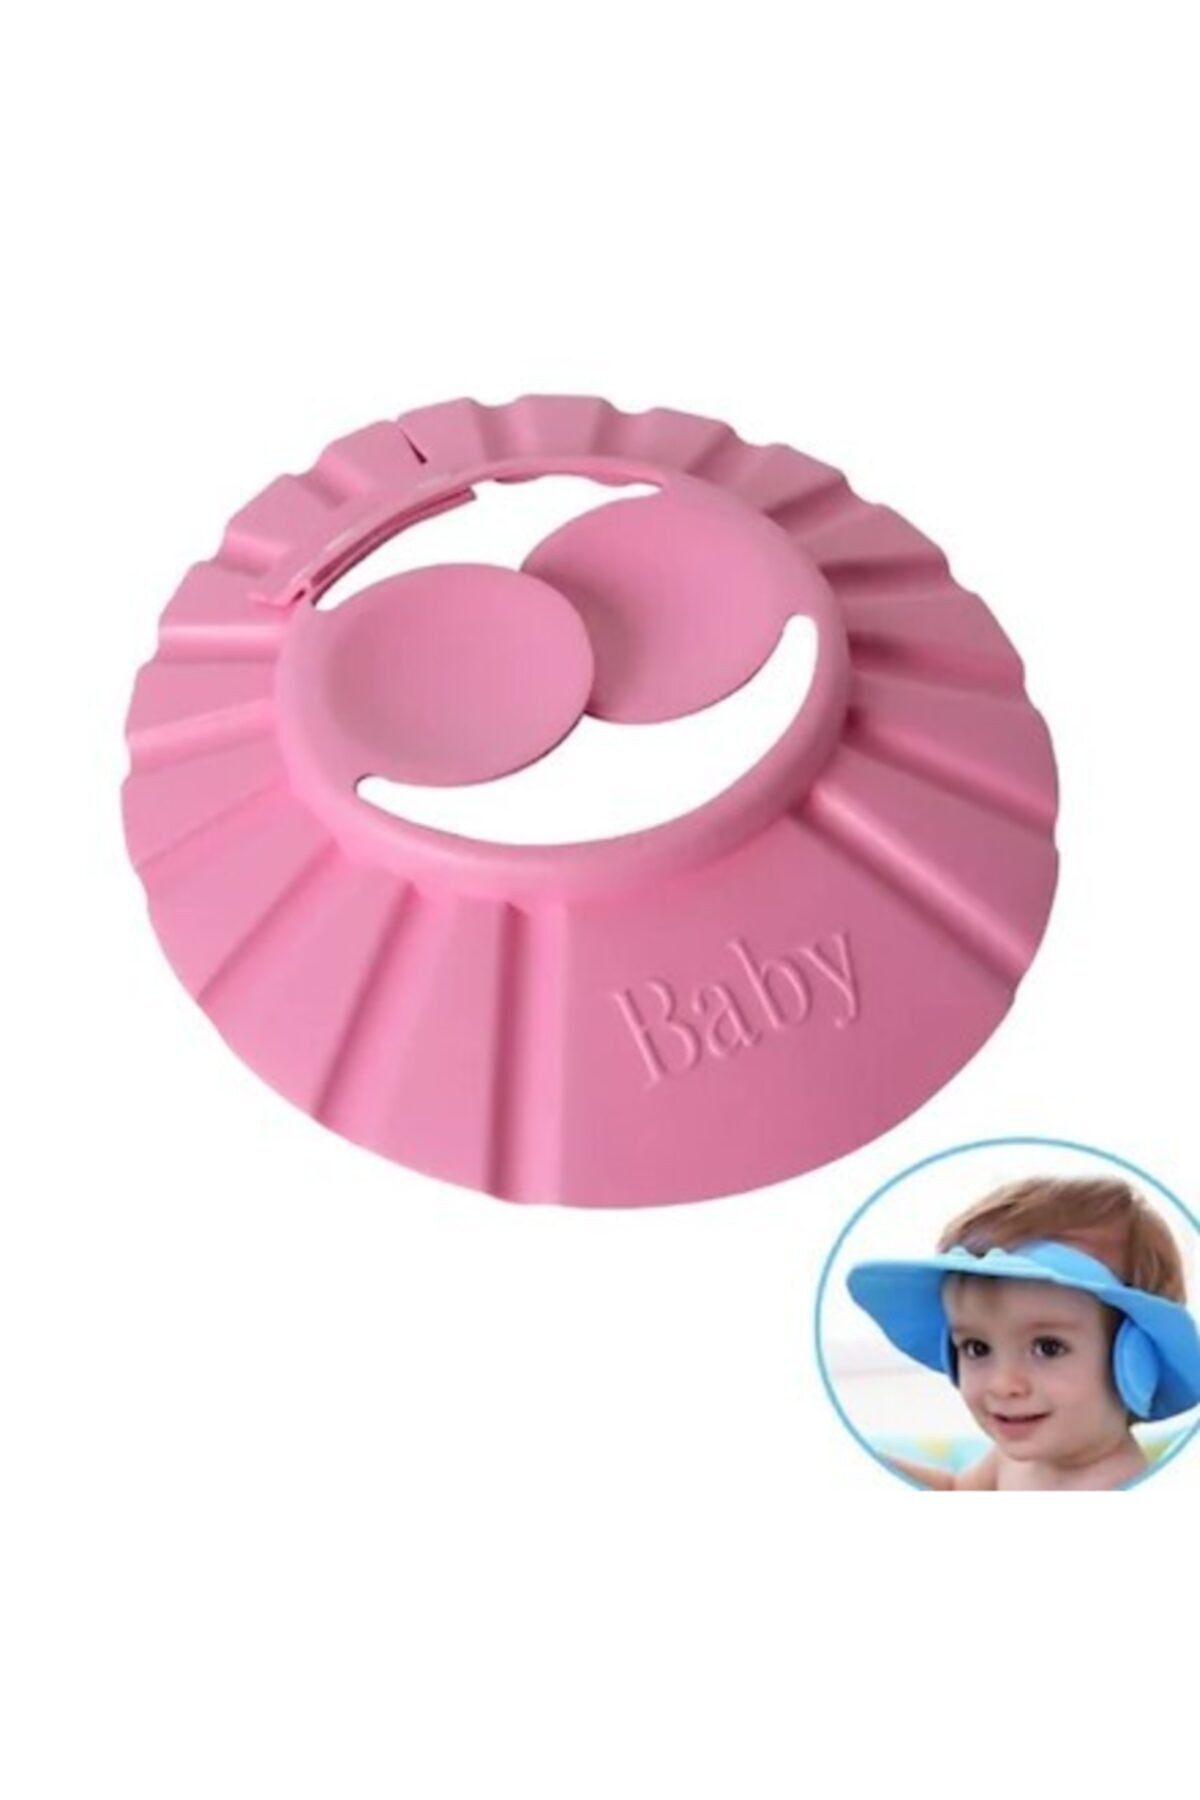 andela Bebek Banyo Şapkası Düğmeli Kulaklıklı 2